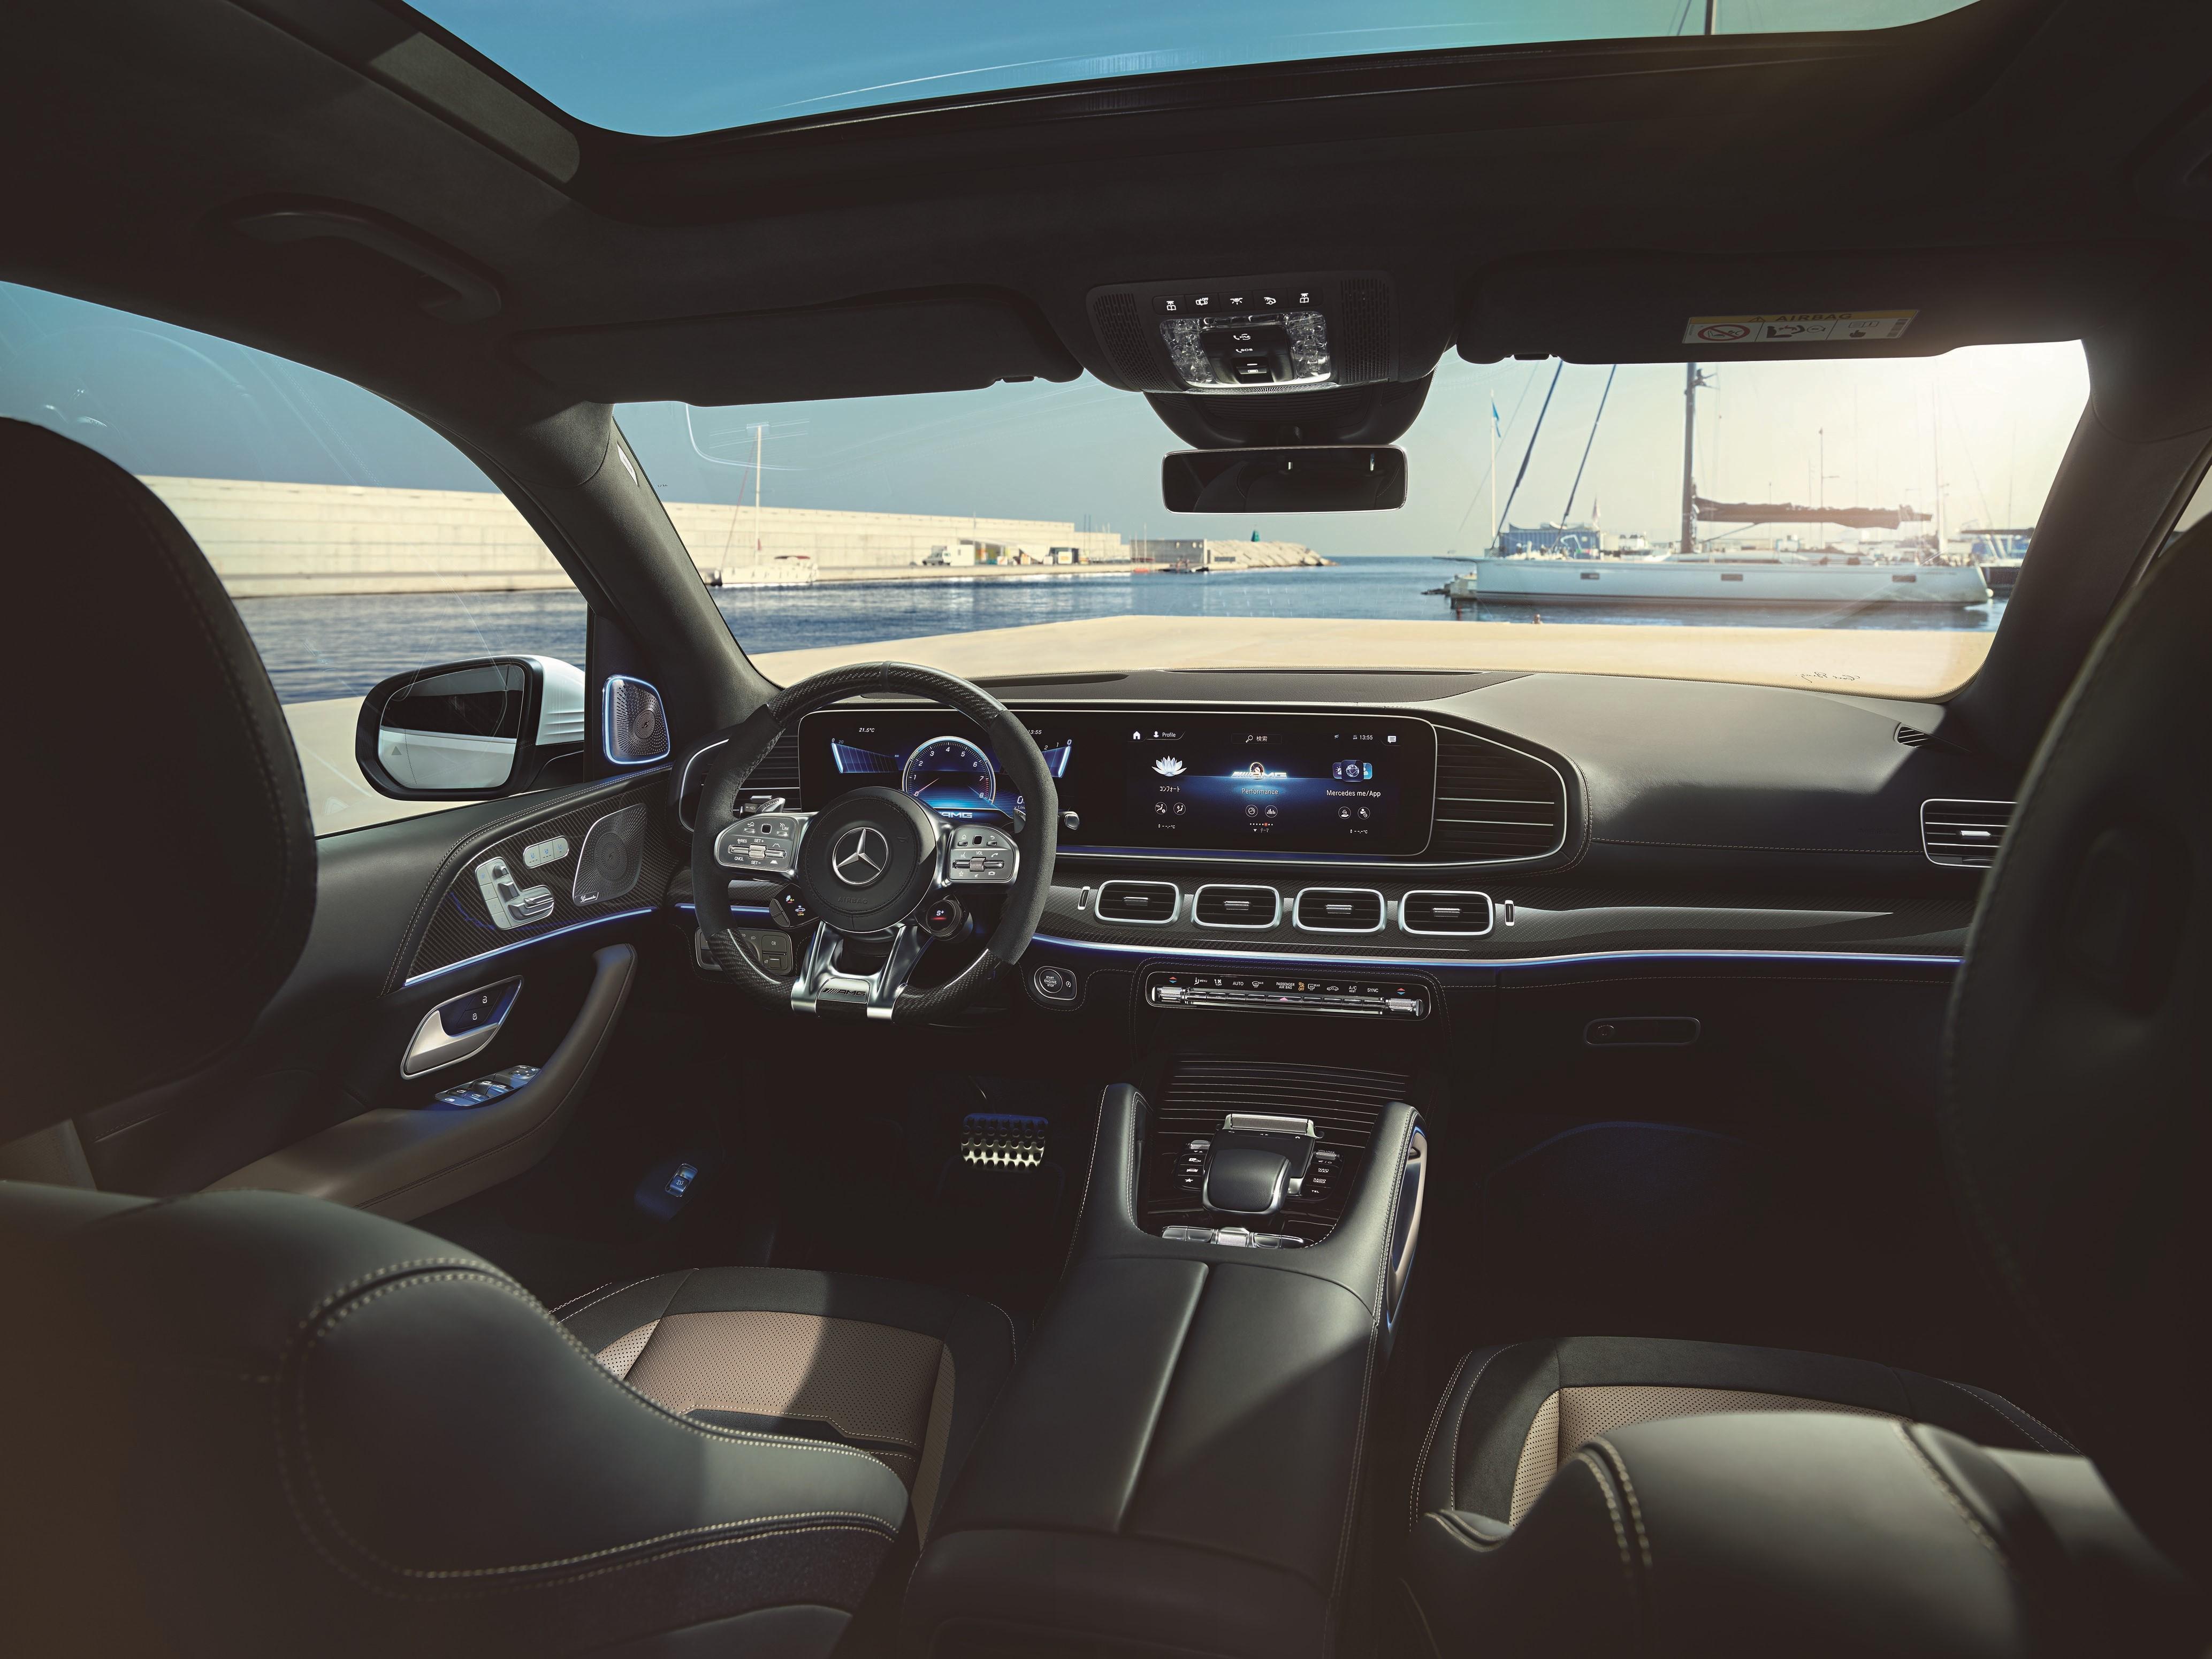 メルセデス日本、AMG最強のSUVモデル「GLE 63」と「GLS63」を国内発売